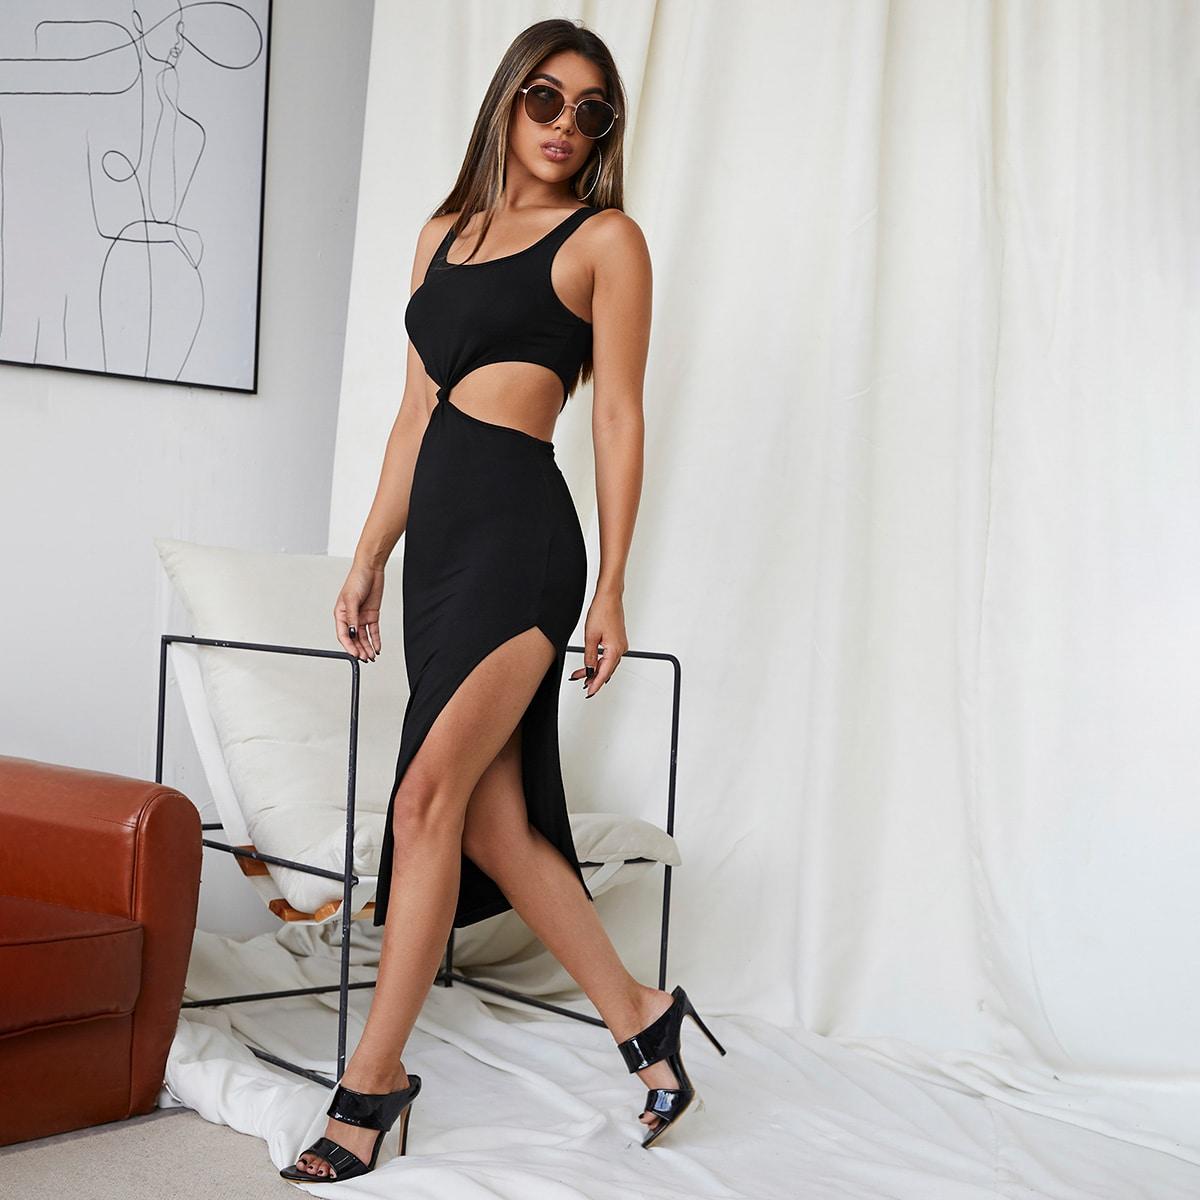 Платье с разрезом высоким разрезом SheIn swdress07210428209